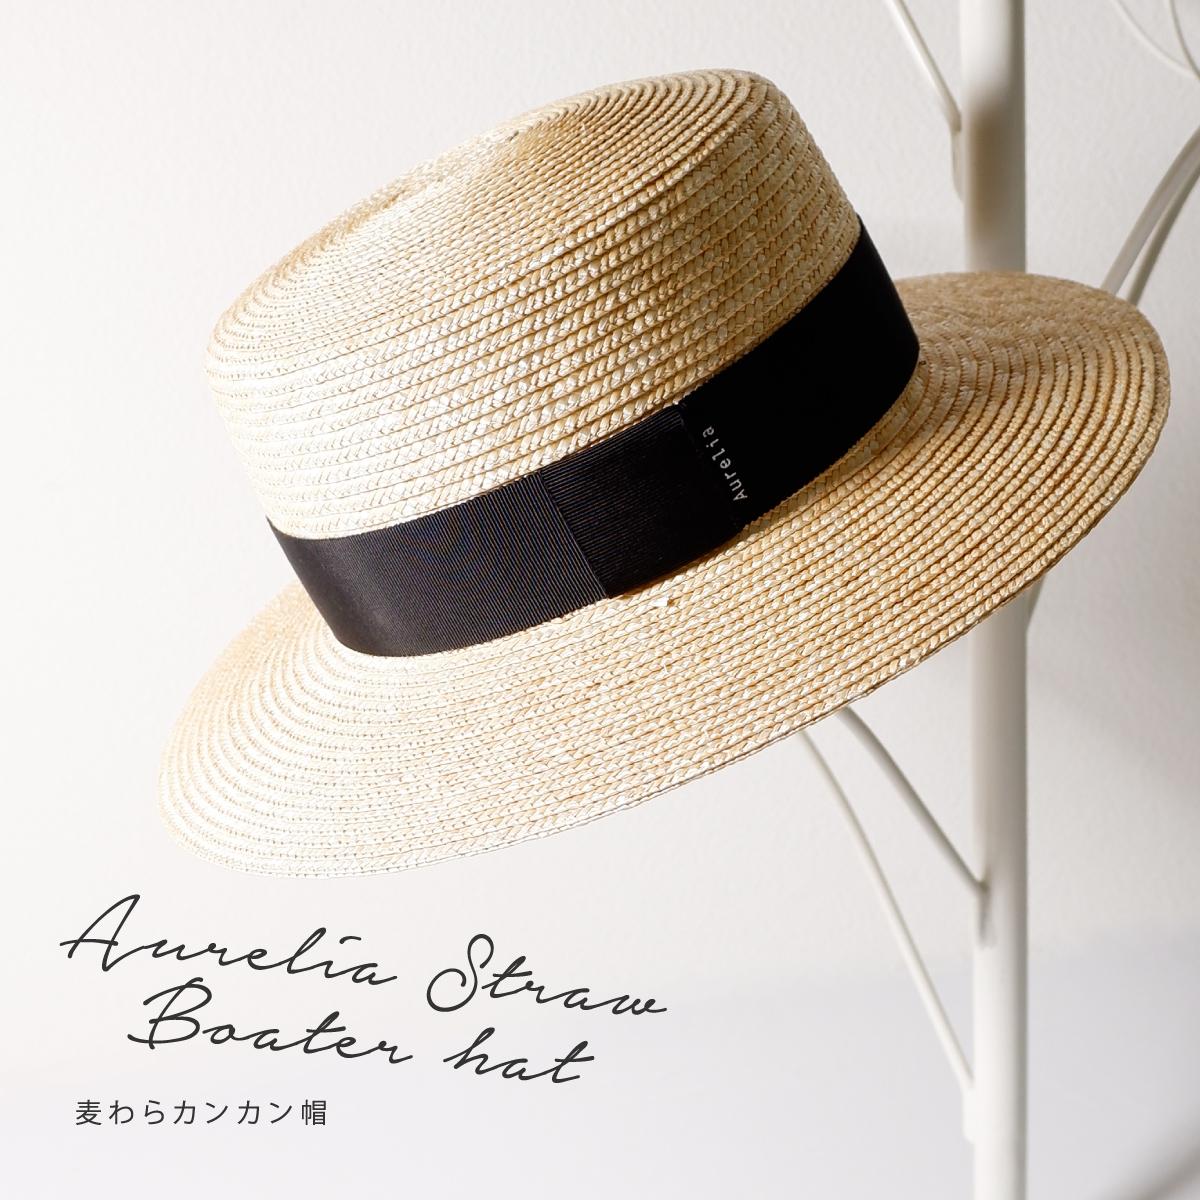 登場大人気アイテム 帽子 レディース UV対策 日除け つば広 Aurelia ストローハット ギフト アウレリア 2021 送料0円 母の日 日本製 ボーターハット 麦わらカンカン帽